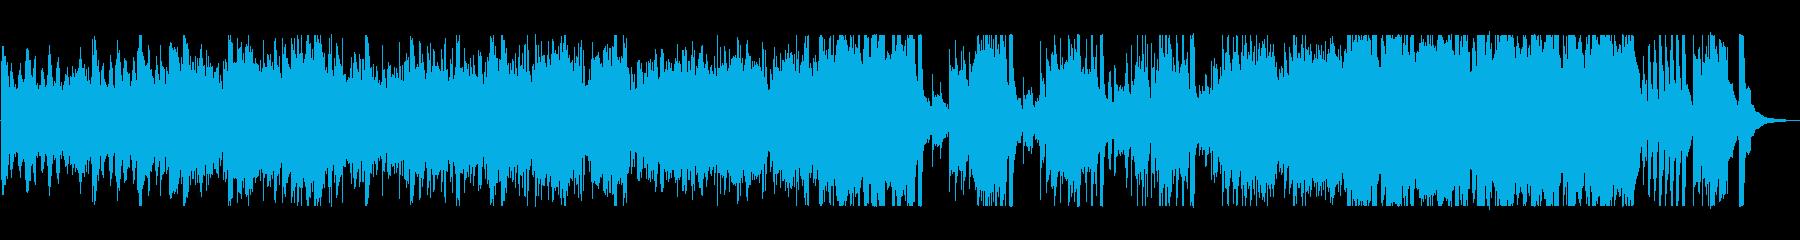 壮大で広がりのあるオーケストラの再生済みの波形